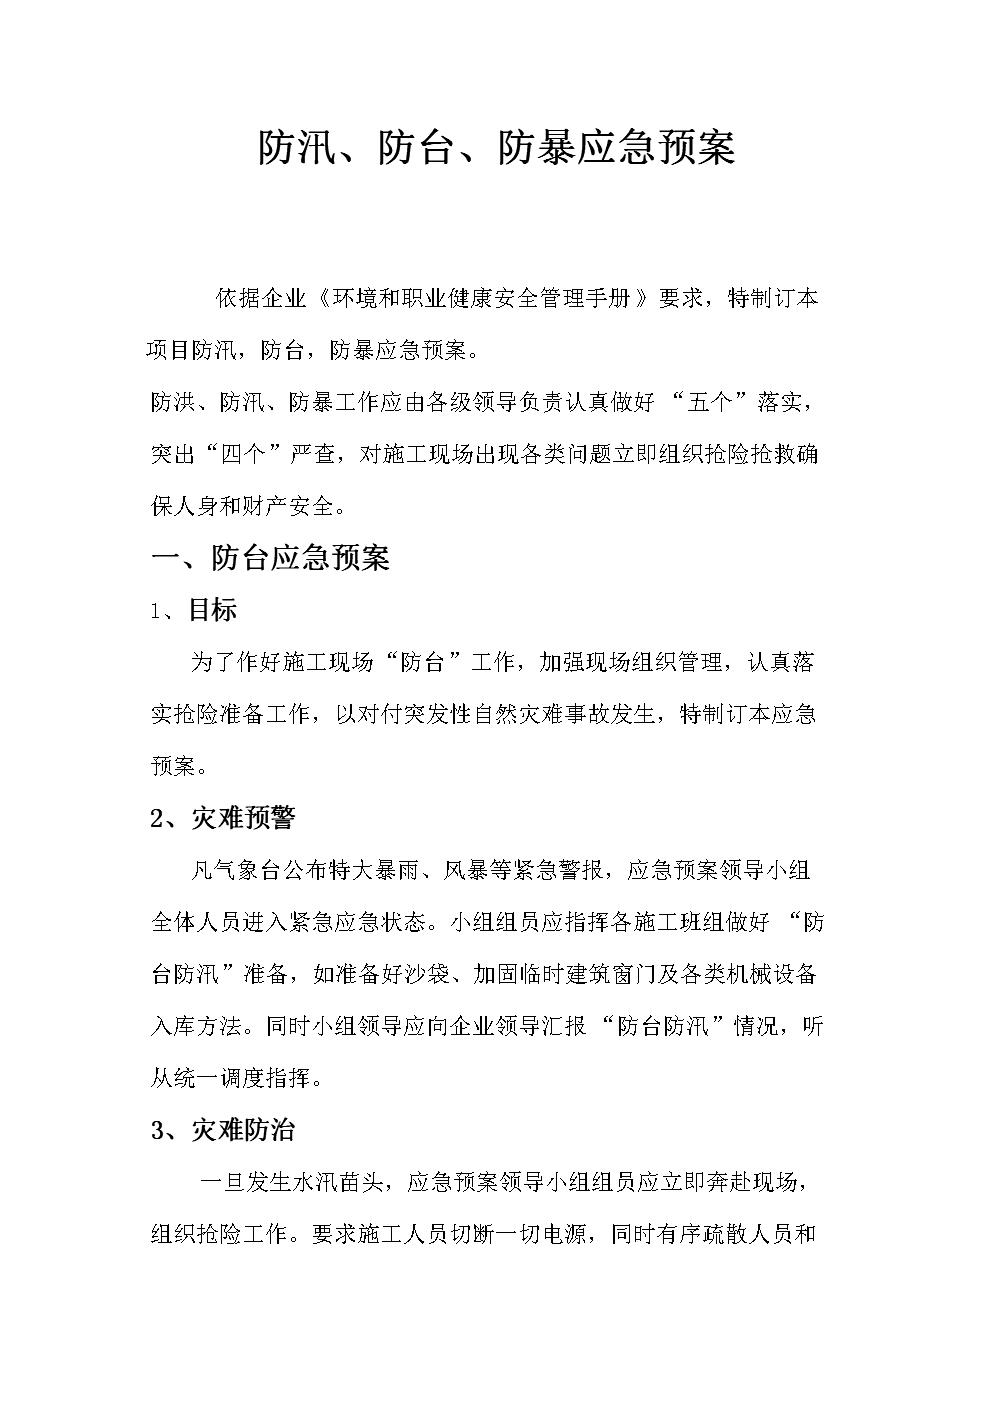 防汛防台防暴应急专项预案.doc